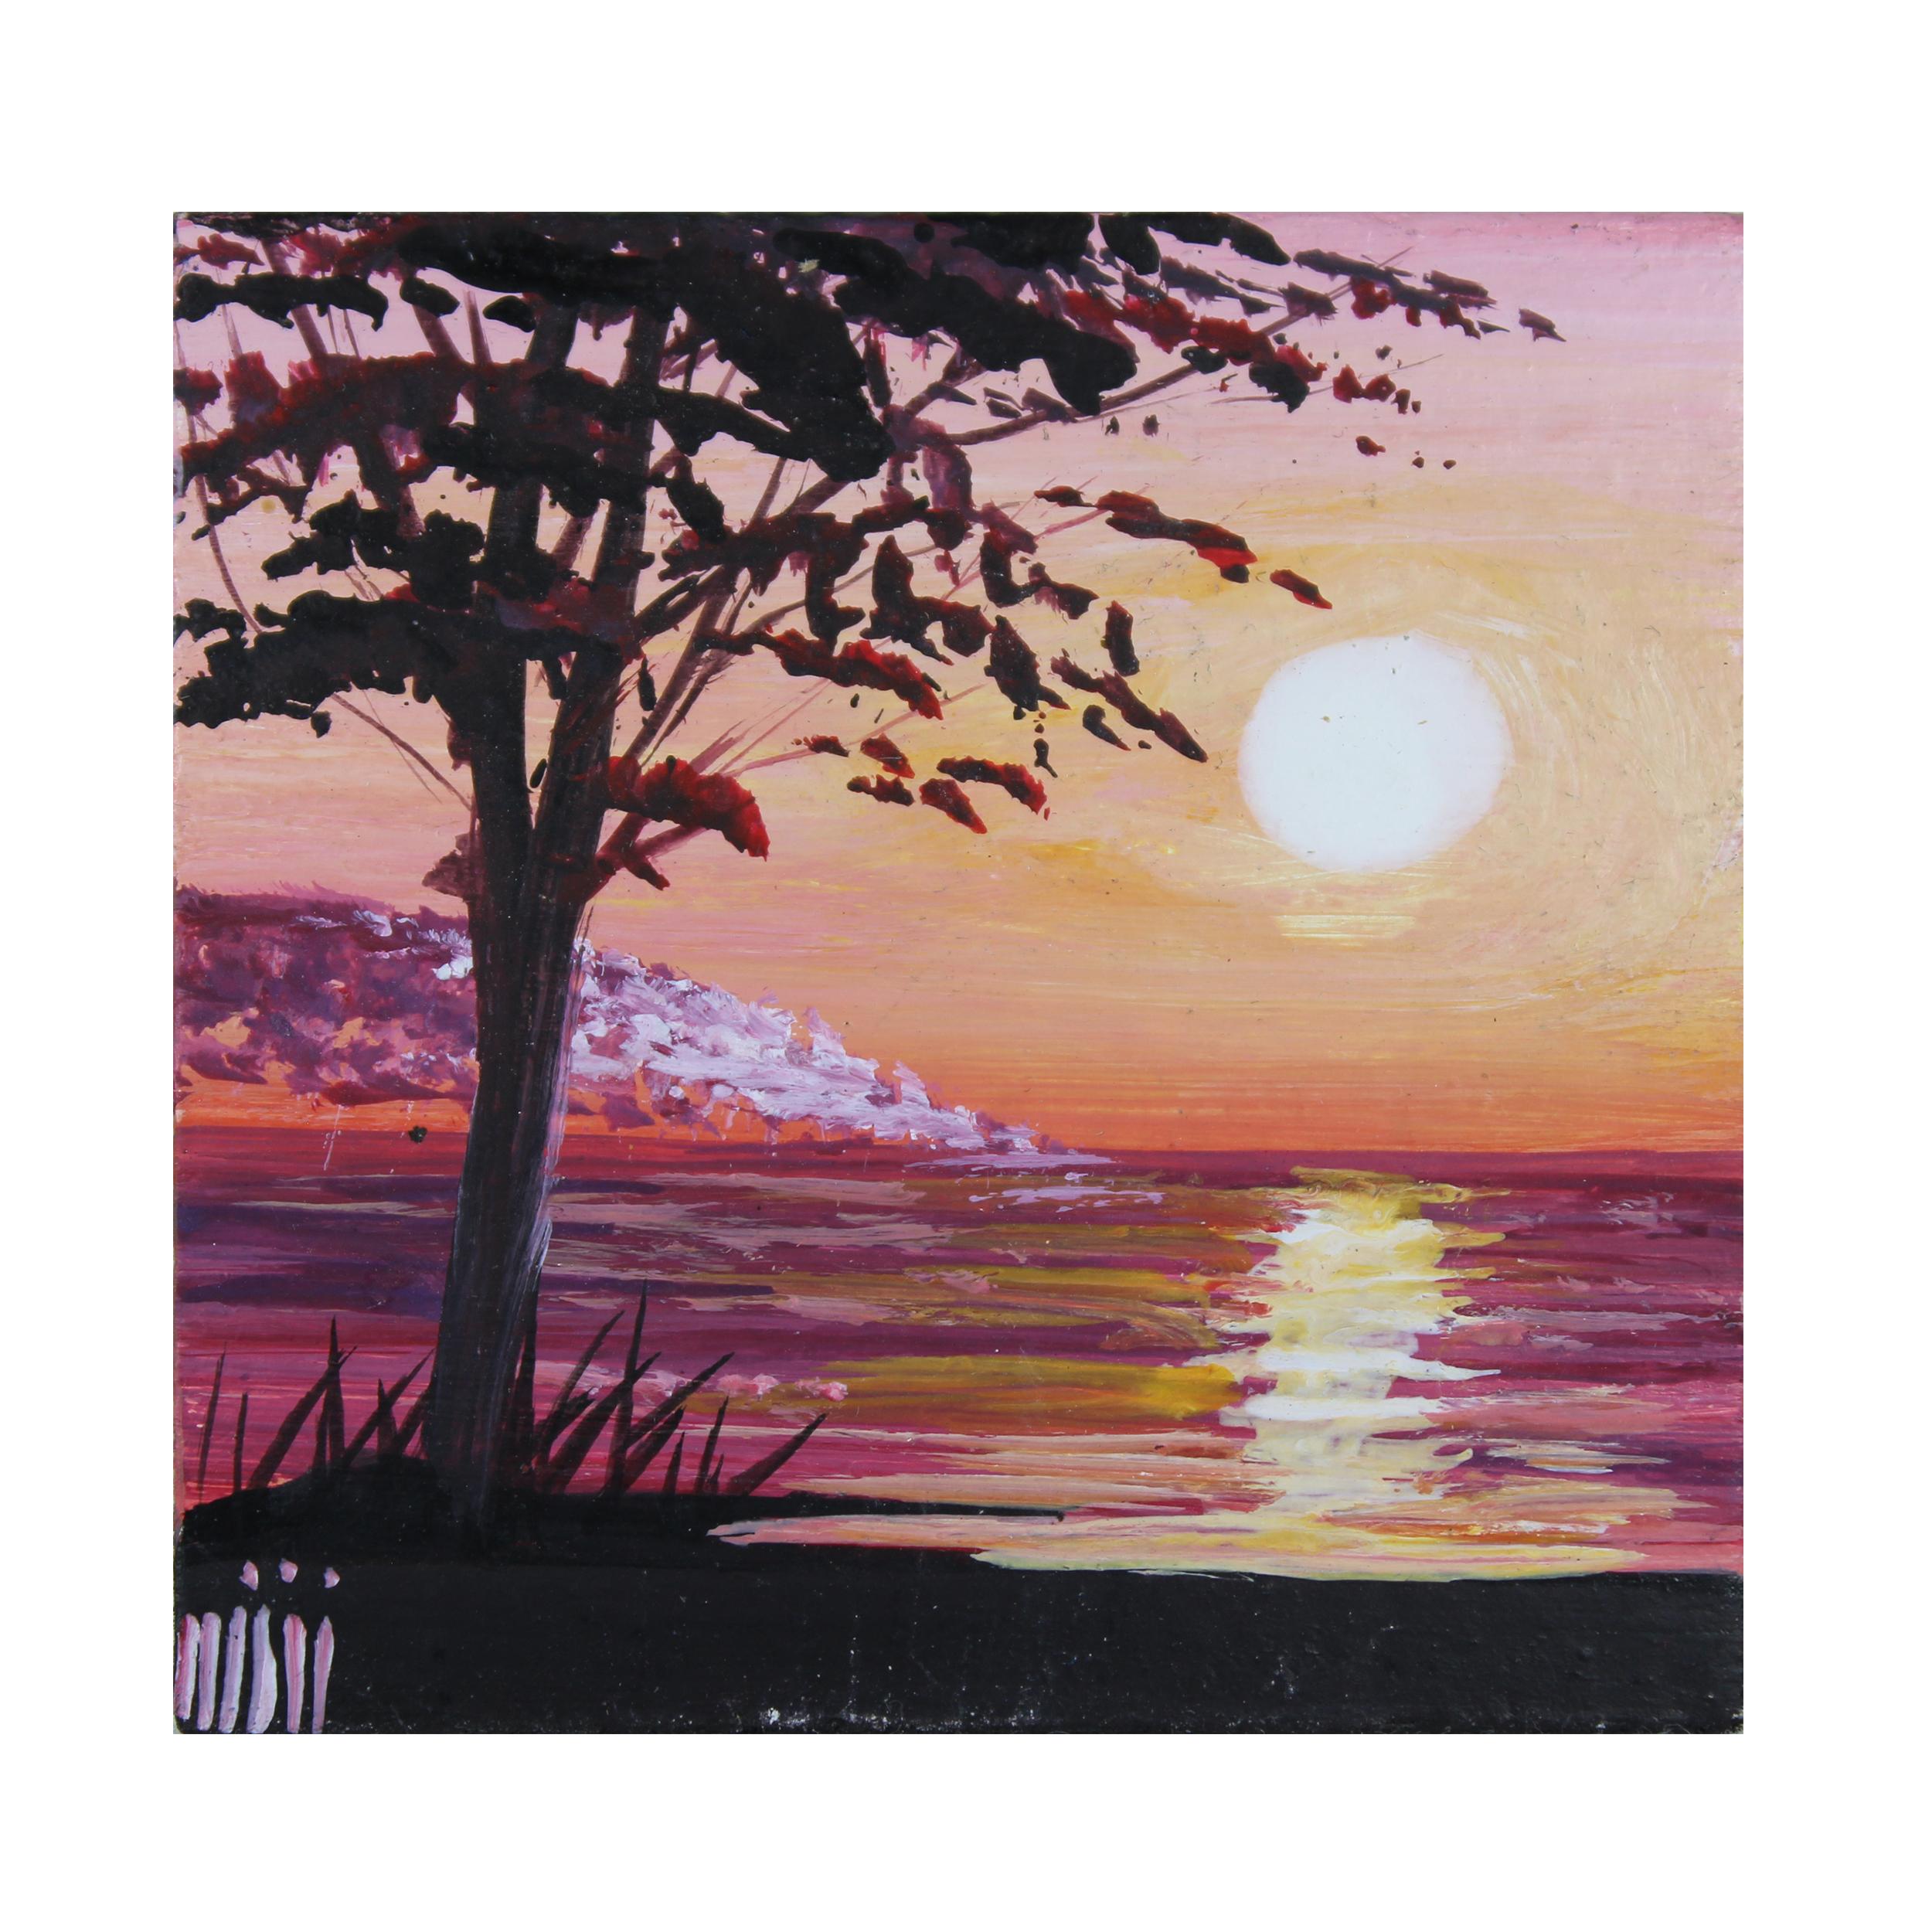 خرید                      تابلو نقاشی رنگ روغن مدل غروب  خورشید کد TBZ14